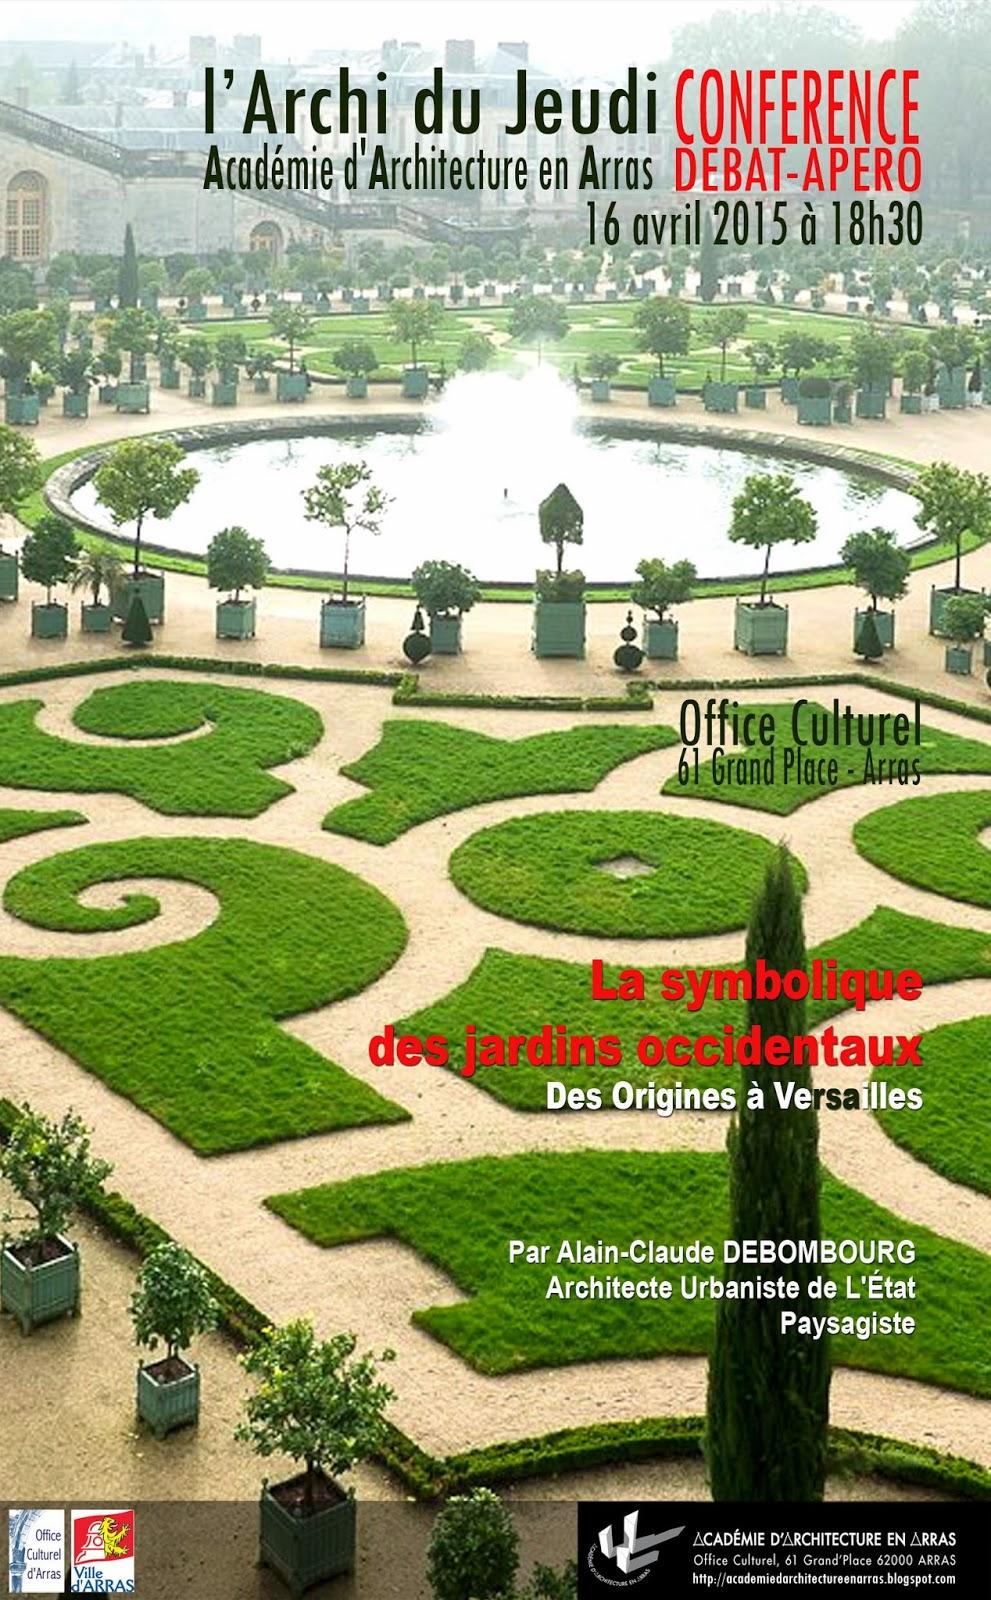 Acad mie d 39 architecture en arras for Architecte jardin versailles